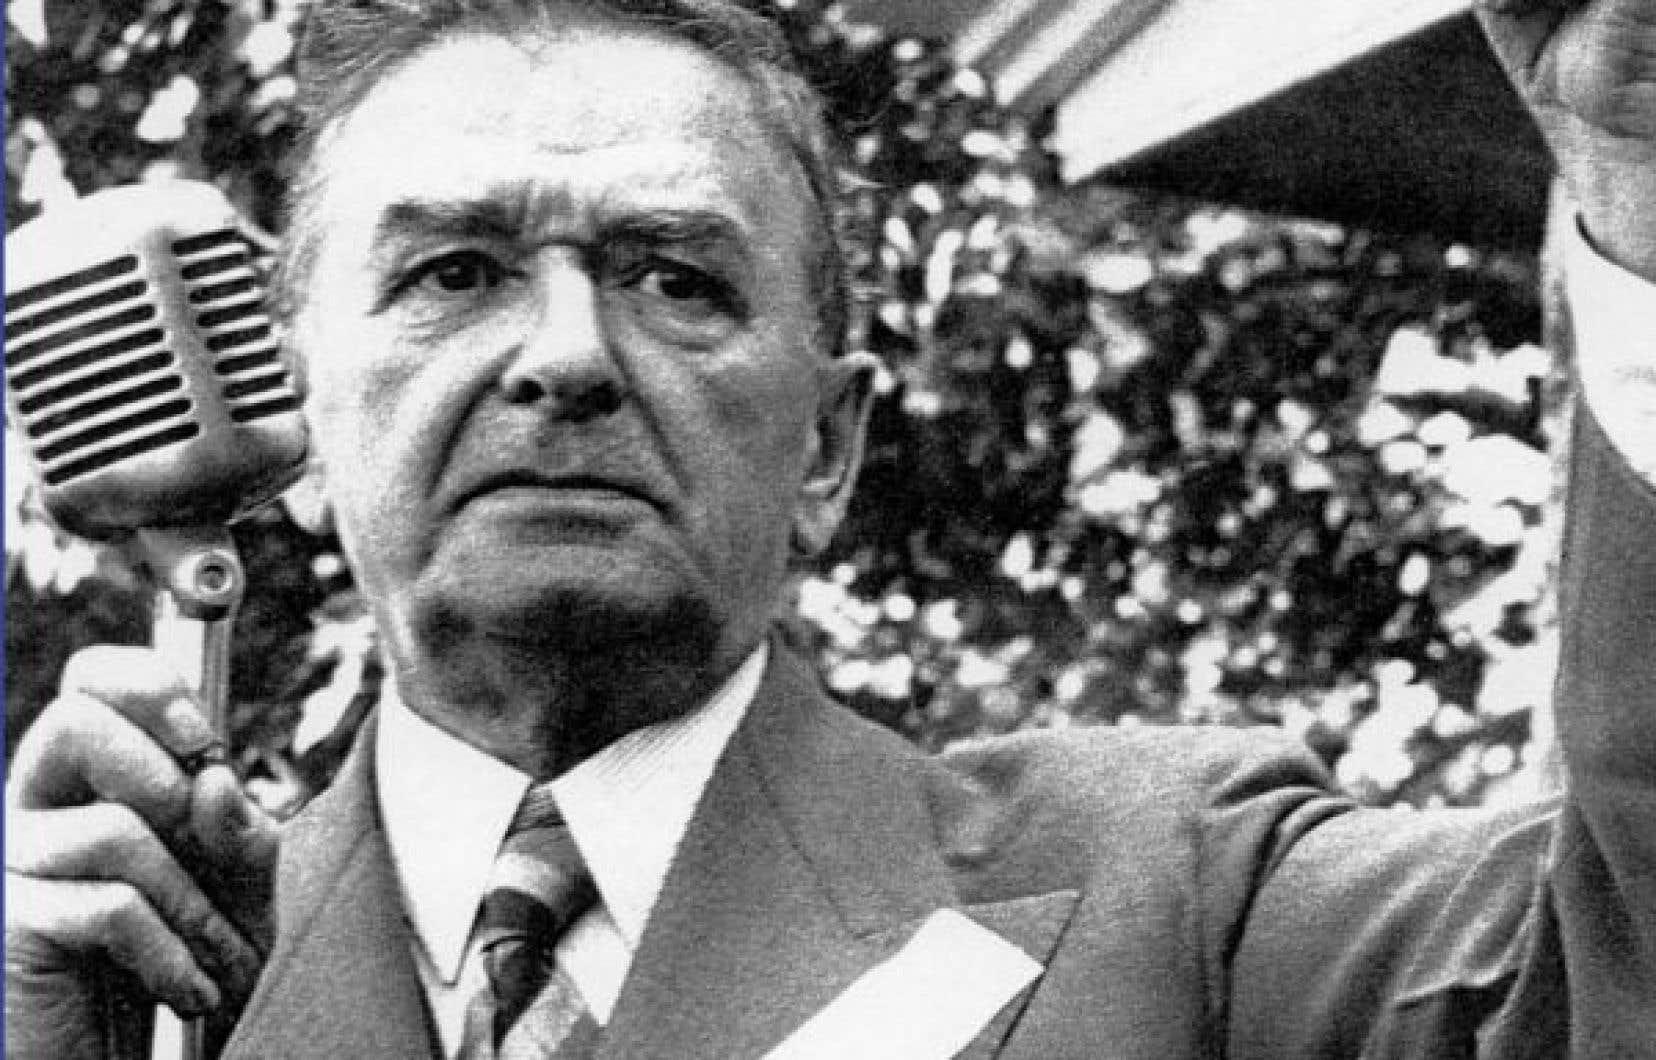 Durant les élections, c'est vraiment à compter de 1936, avec Maurice Duplessis, qu'apparaissent de façon forte des préoccupations nationales, indique Jean-Herman Guay, sociologue à l'Université de Sherbrooke.